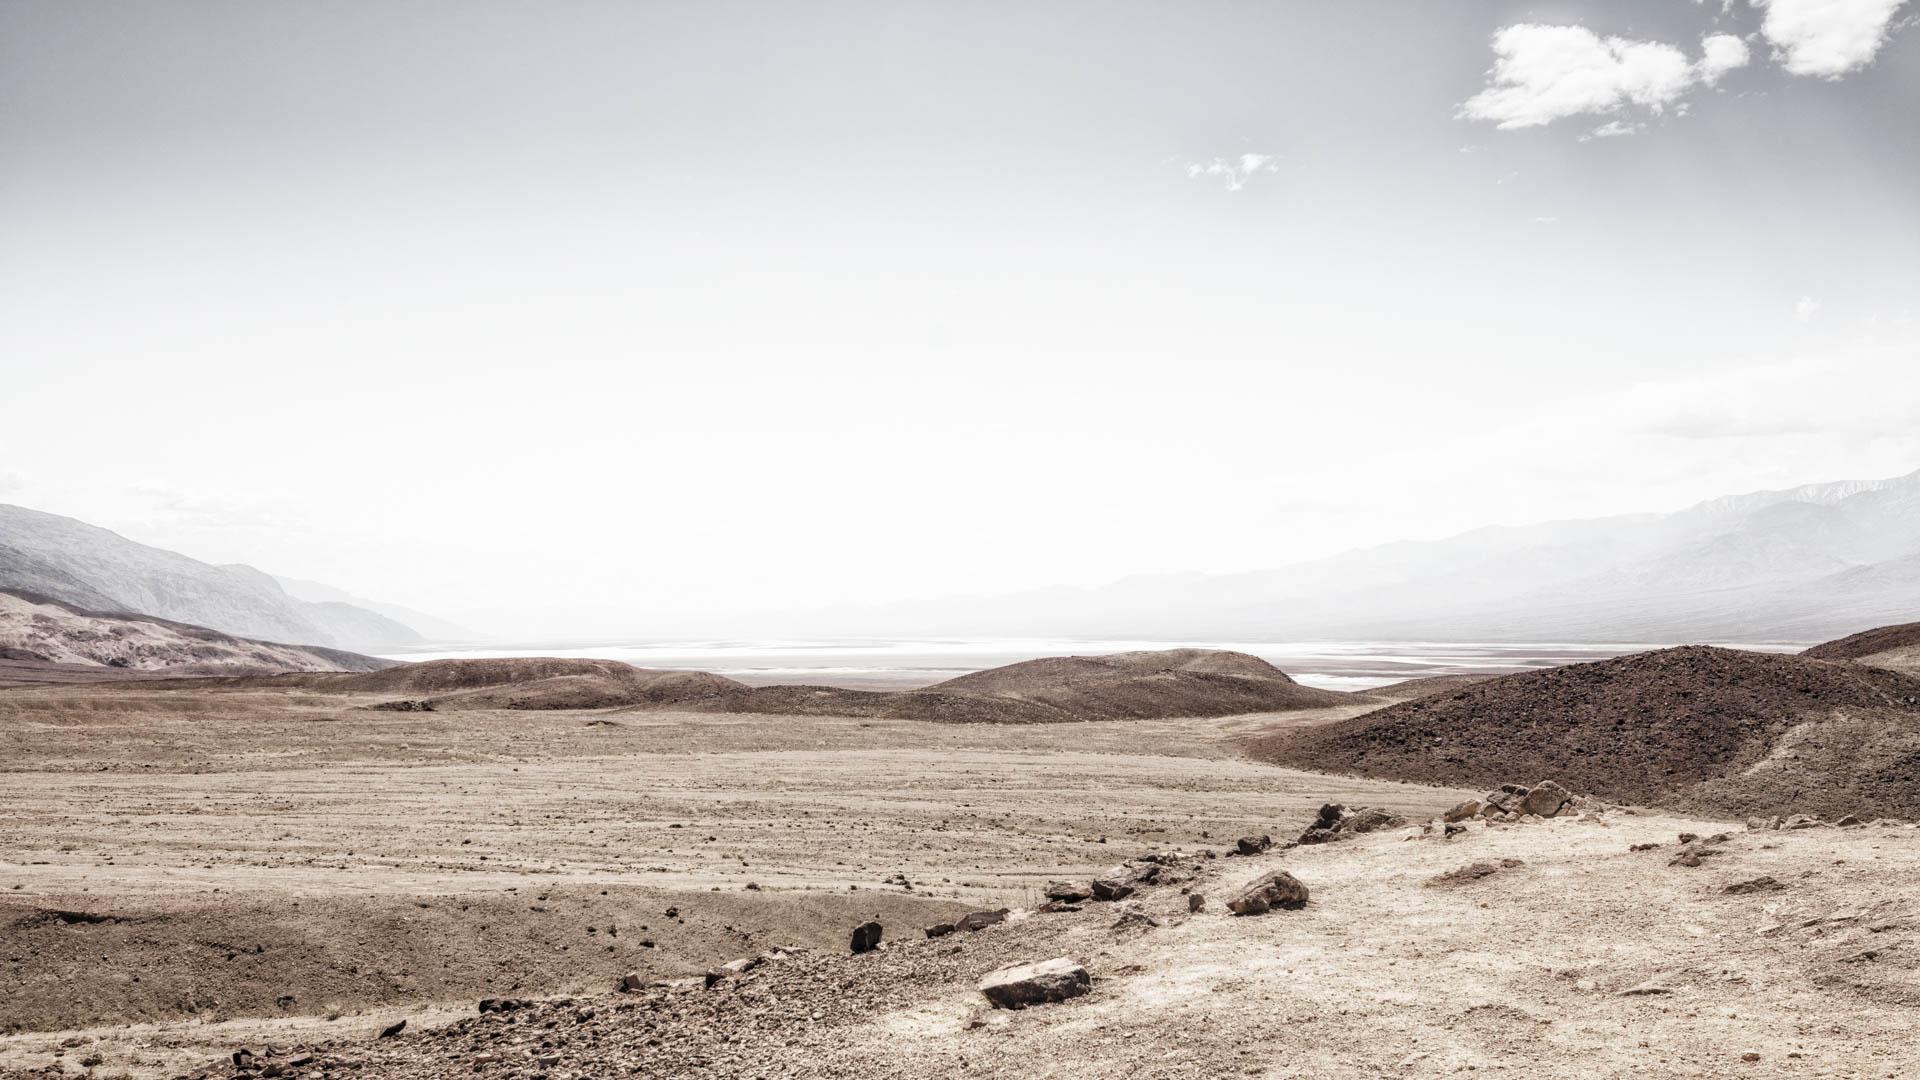 LDKphoto - Death Valley - 18.jpg